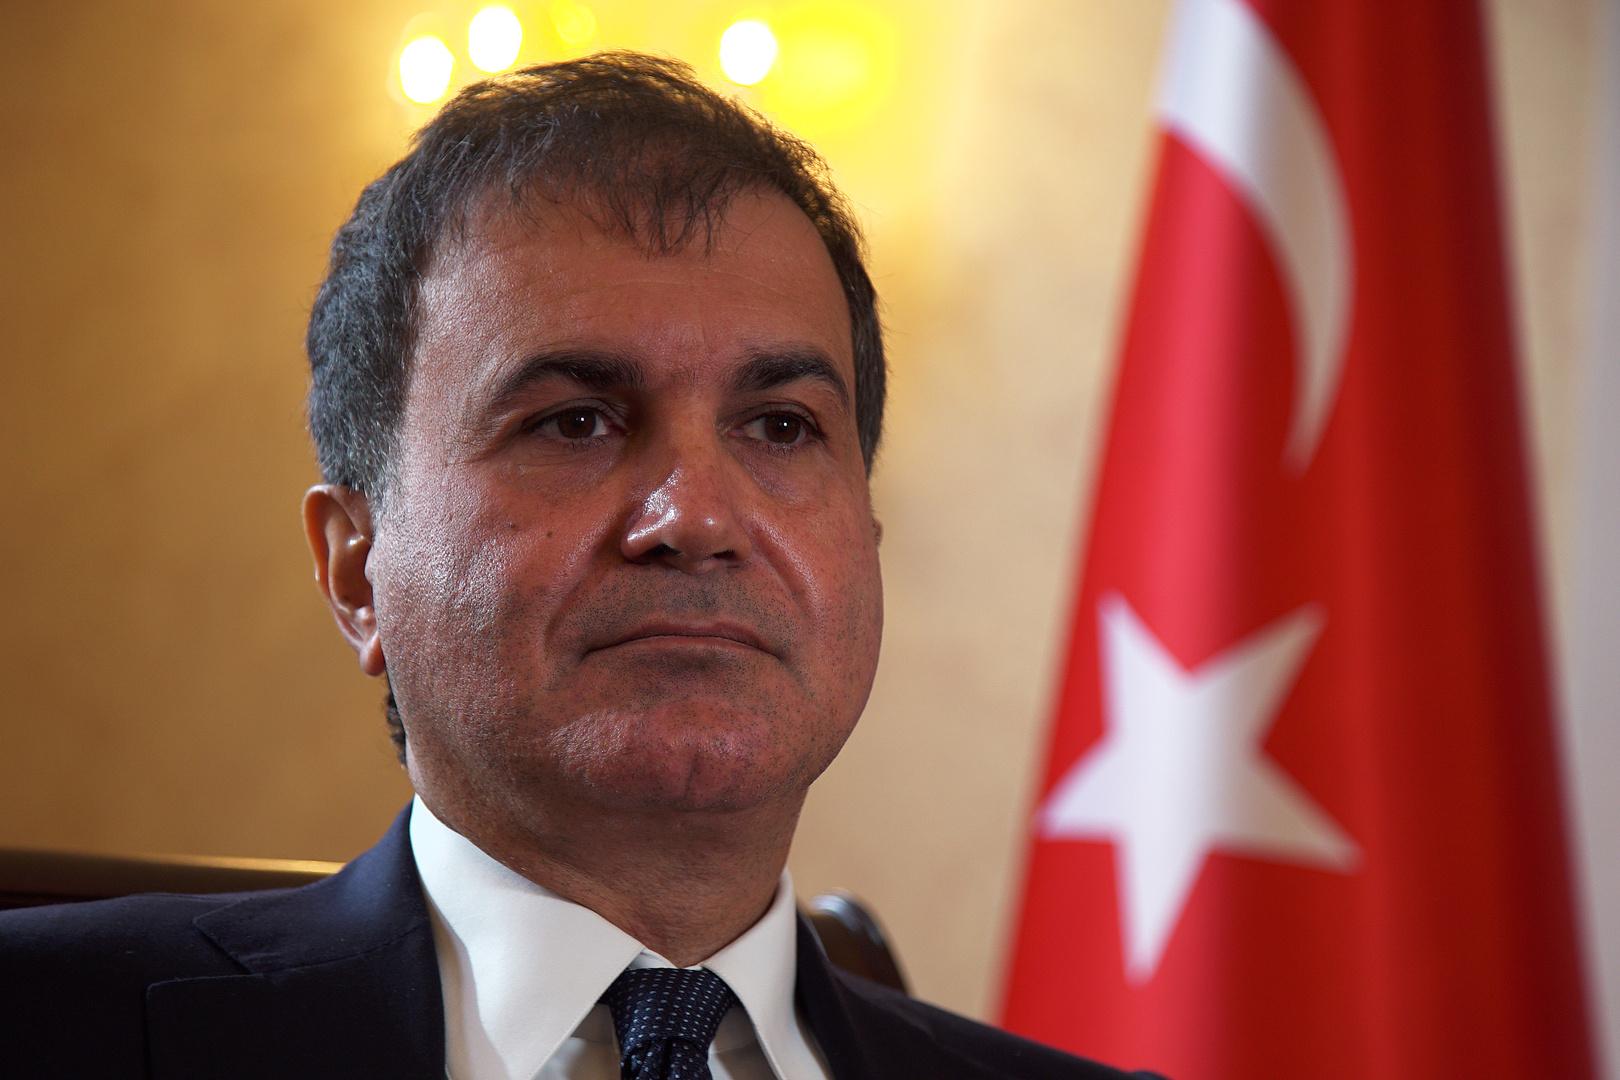 المتحدث باسم حزب العدالة والتنيمة التركي عمر جليك